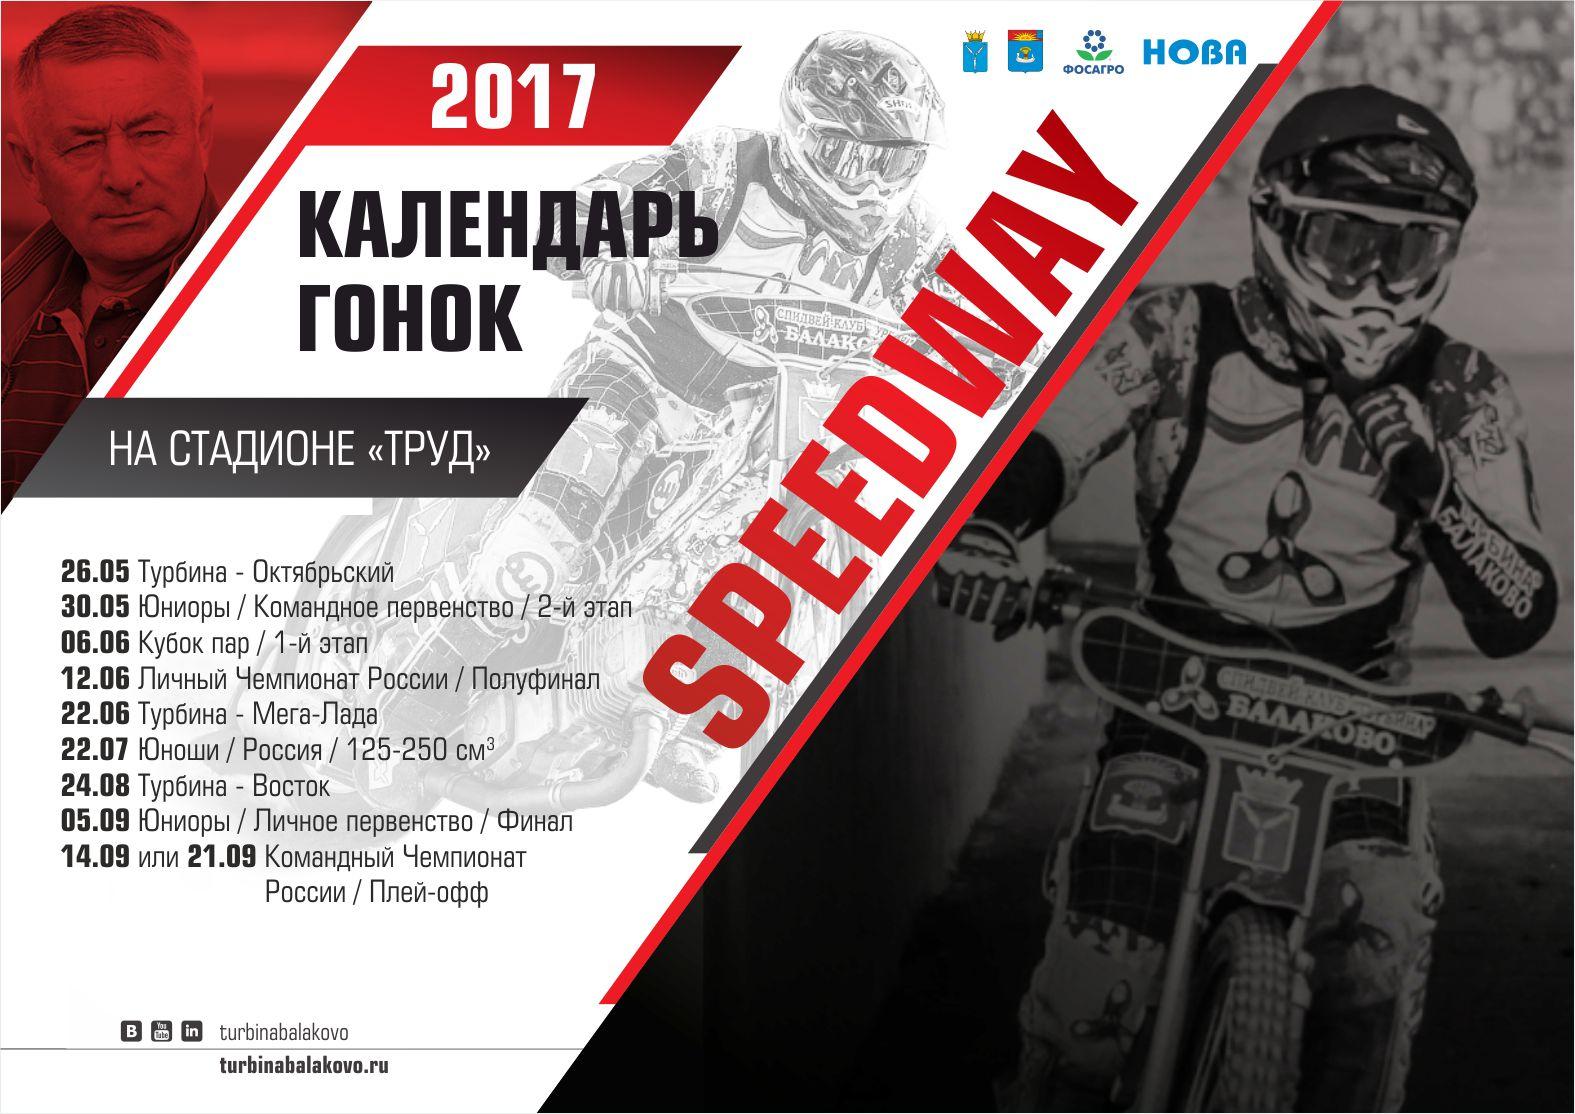 Календарь гонок по спидвею 2017